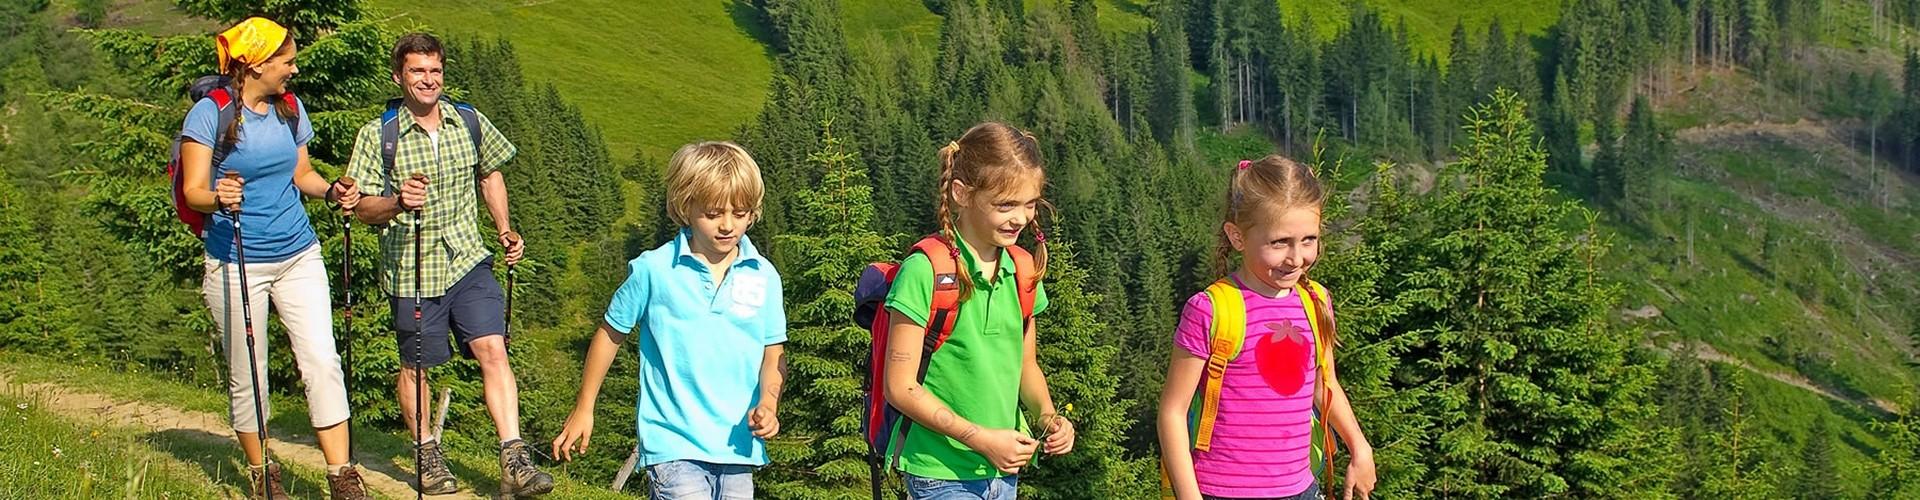 Reise Deals Urlaubsangebote für Familien